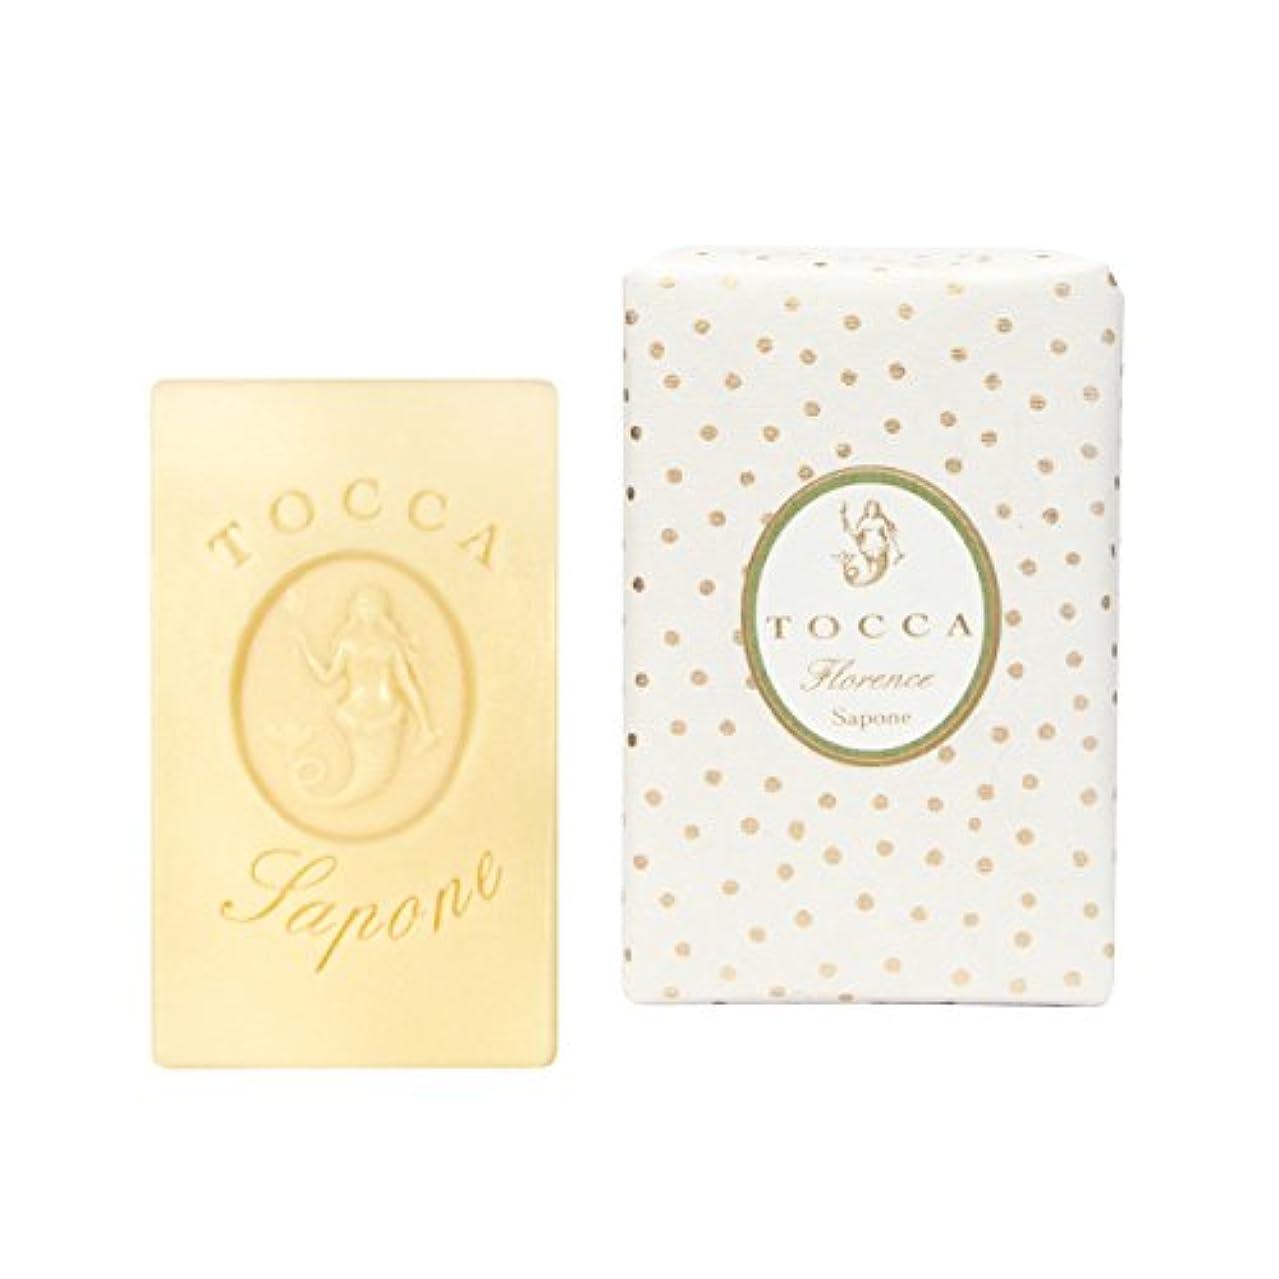 貨物襟必要とするトッカ(TOCCA) ソープバーフローレンスの香り 113g(石けん 化粧石けん ガーデニアとベルガモットが誘うように溶け合うどこまでも上品なフローラルの香り)